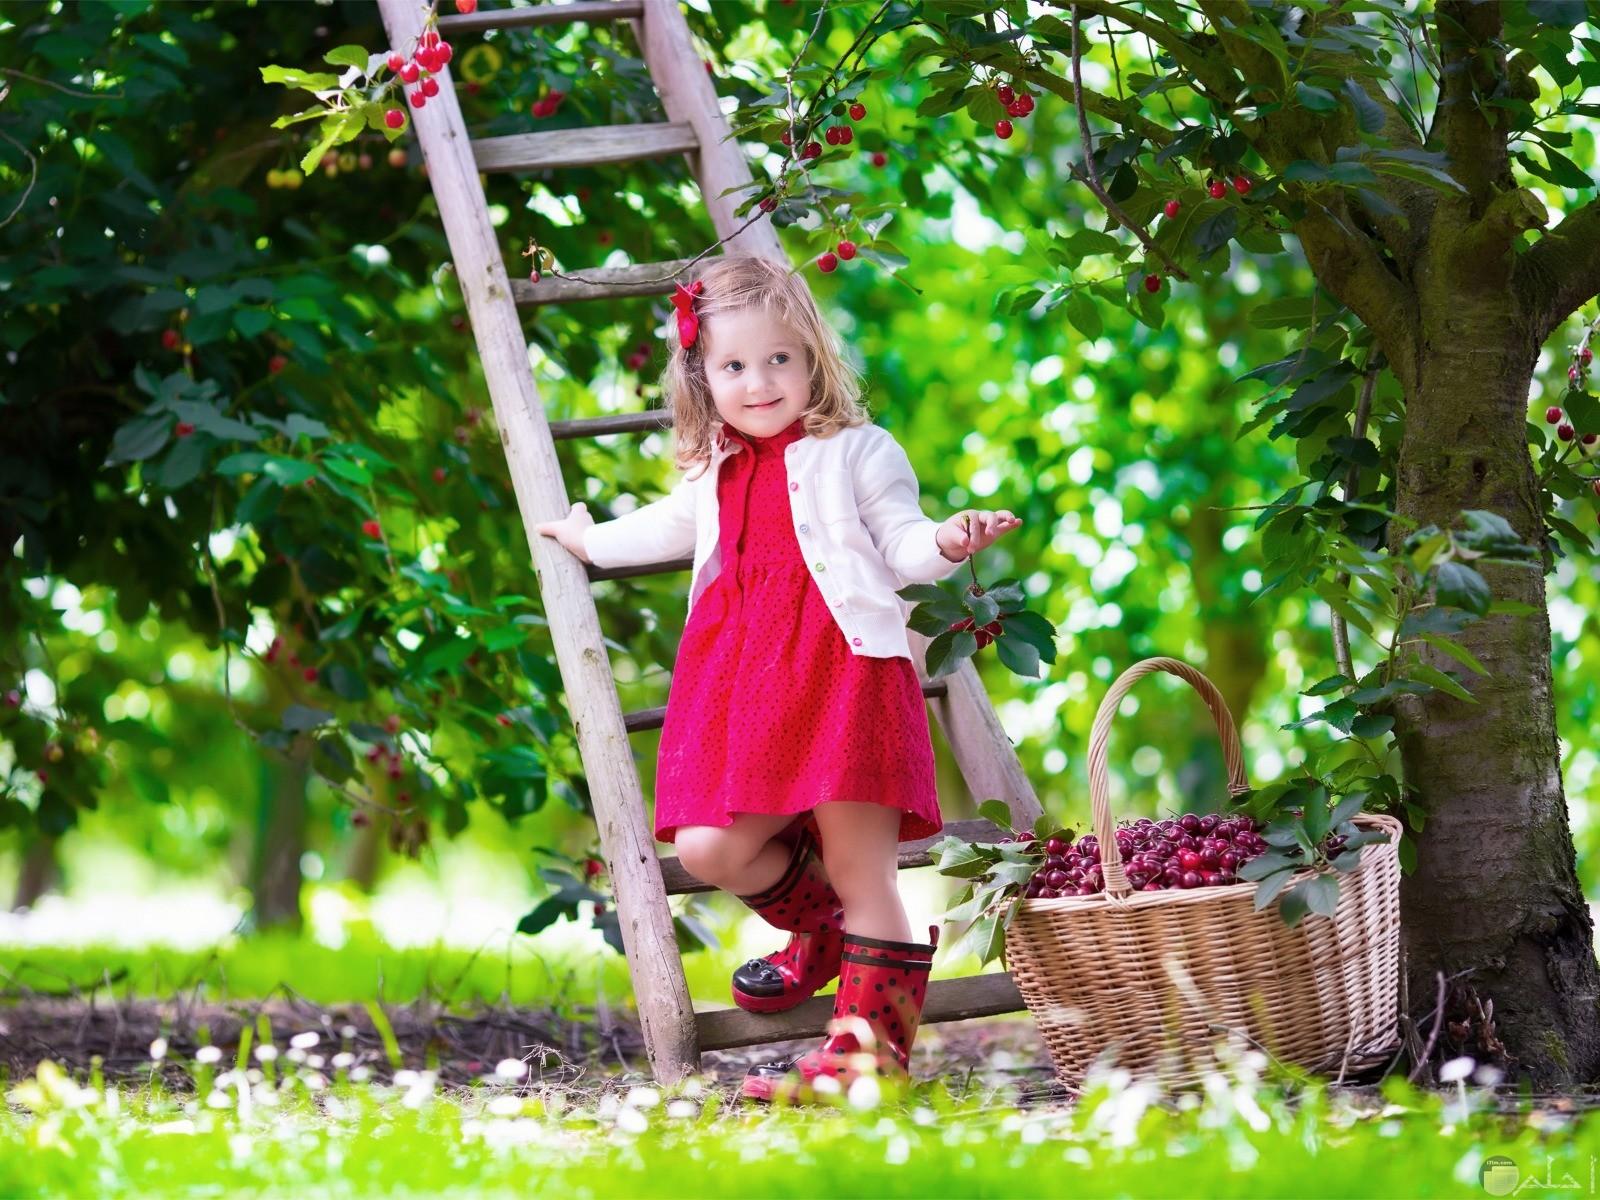 صورة بنت فى حديقة.